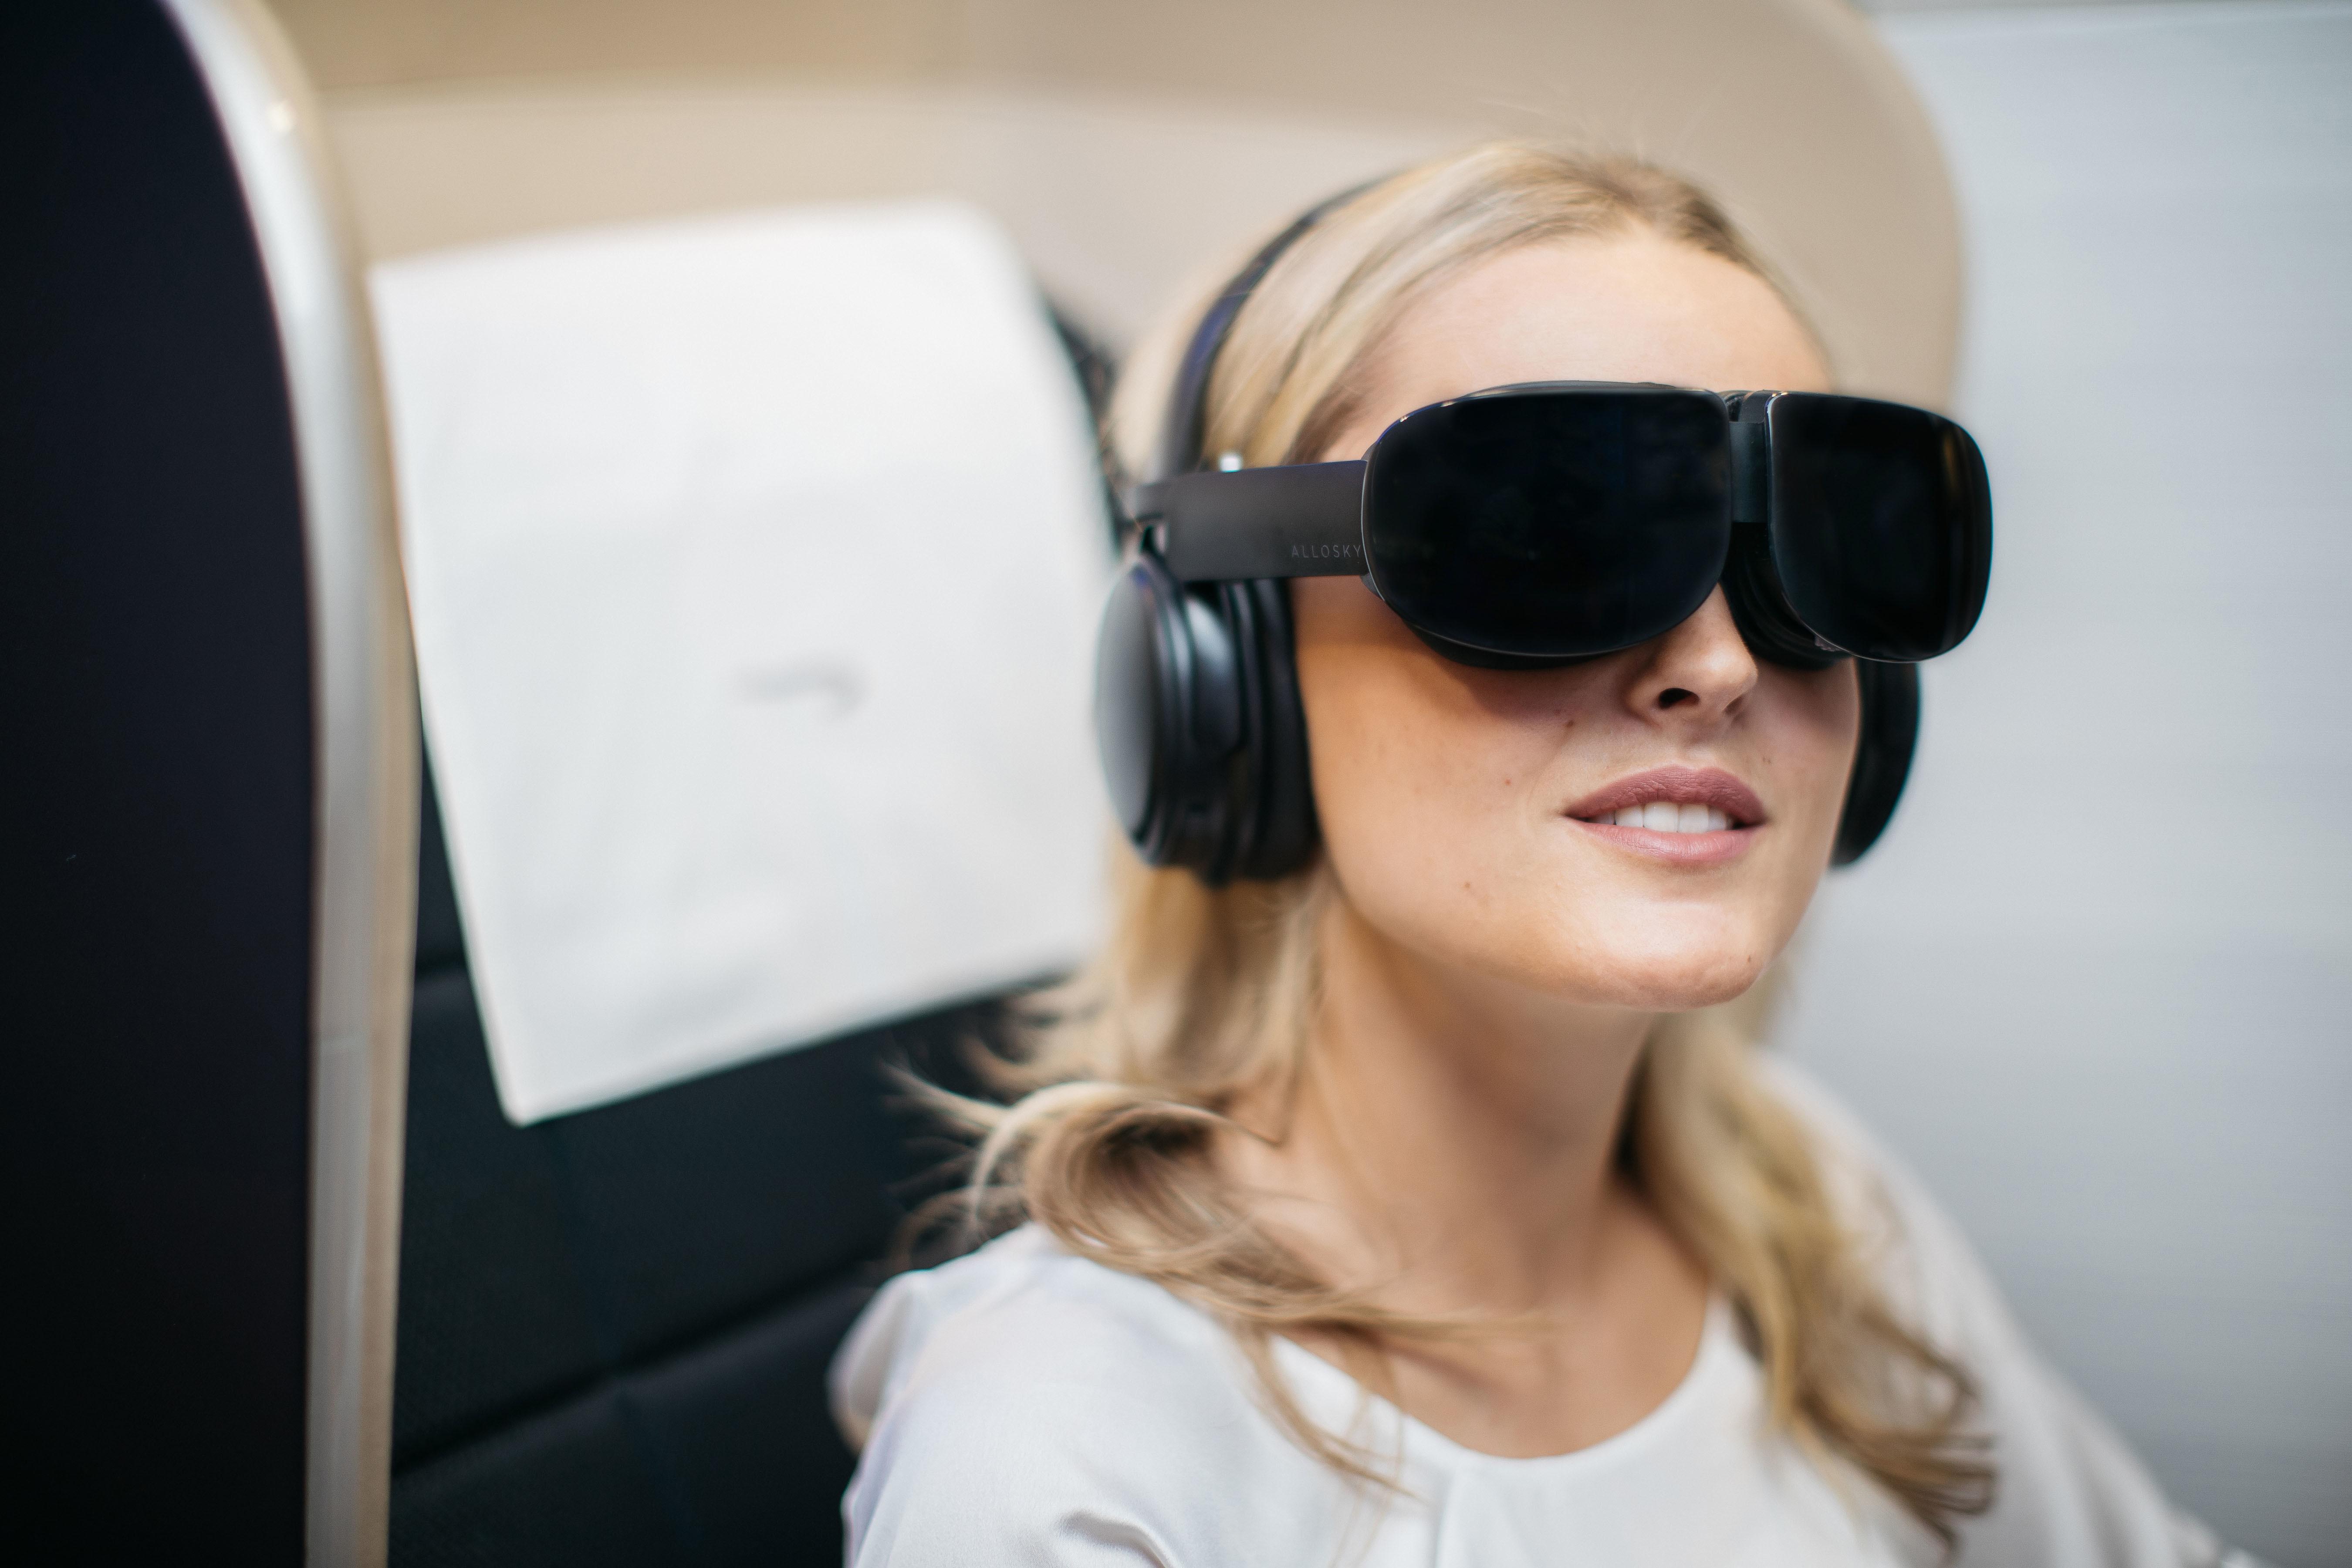 Frem til nytår tester British Airways nye hovedtelefoner med tilhørende VR-briller for First Class-passagerer mellem London Heathrow og New York-JFK. Foto: British Airways